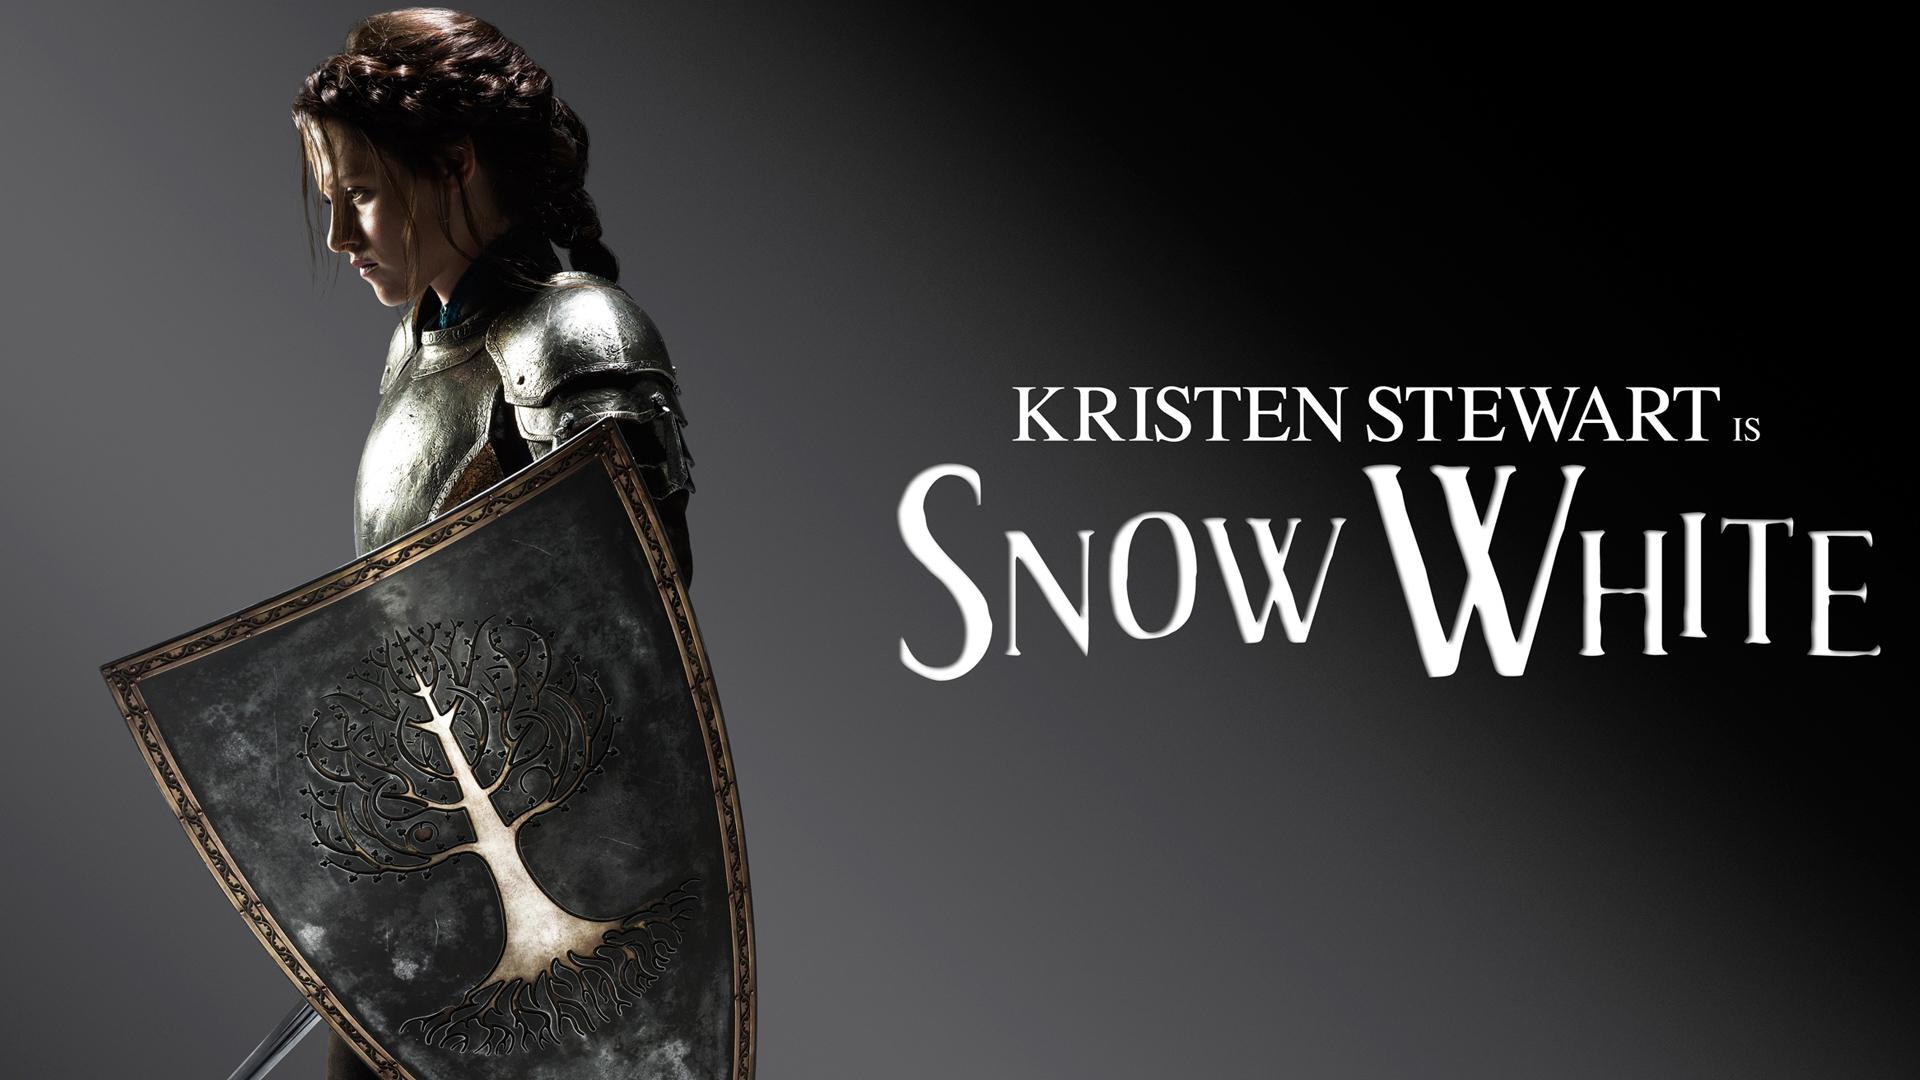 https://i0.wp.com/www.hdwallpapers.in/walls/kristen_stewart_in_snow_white-HD.jpg